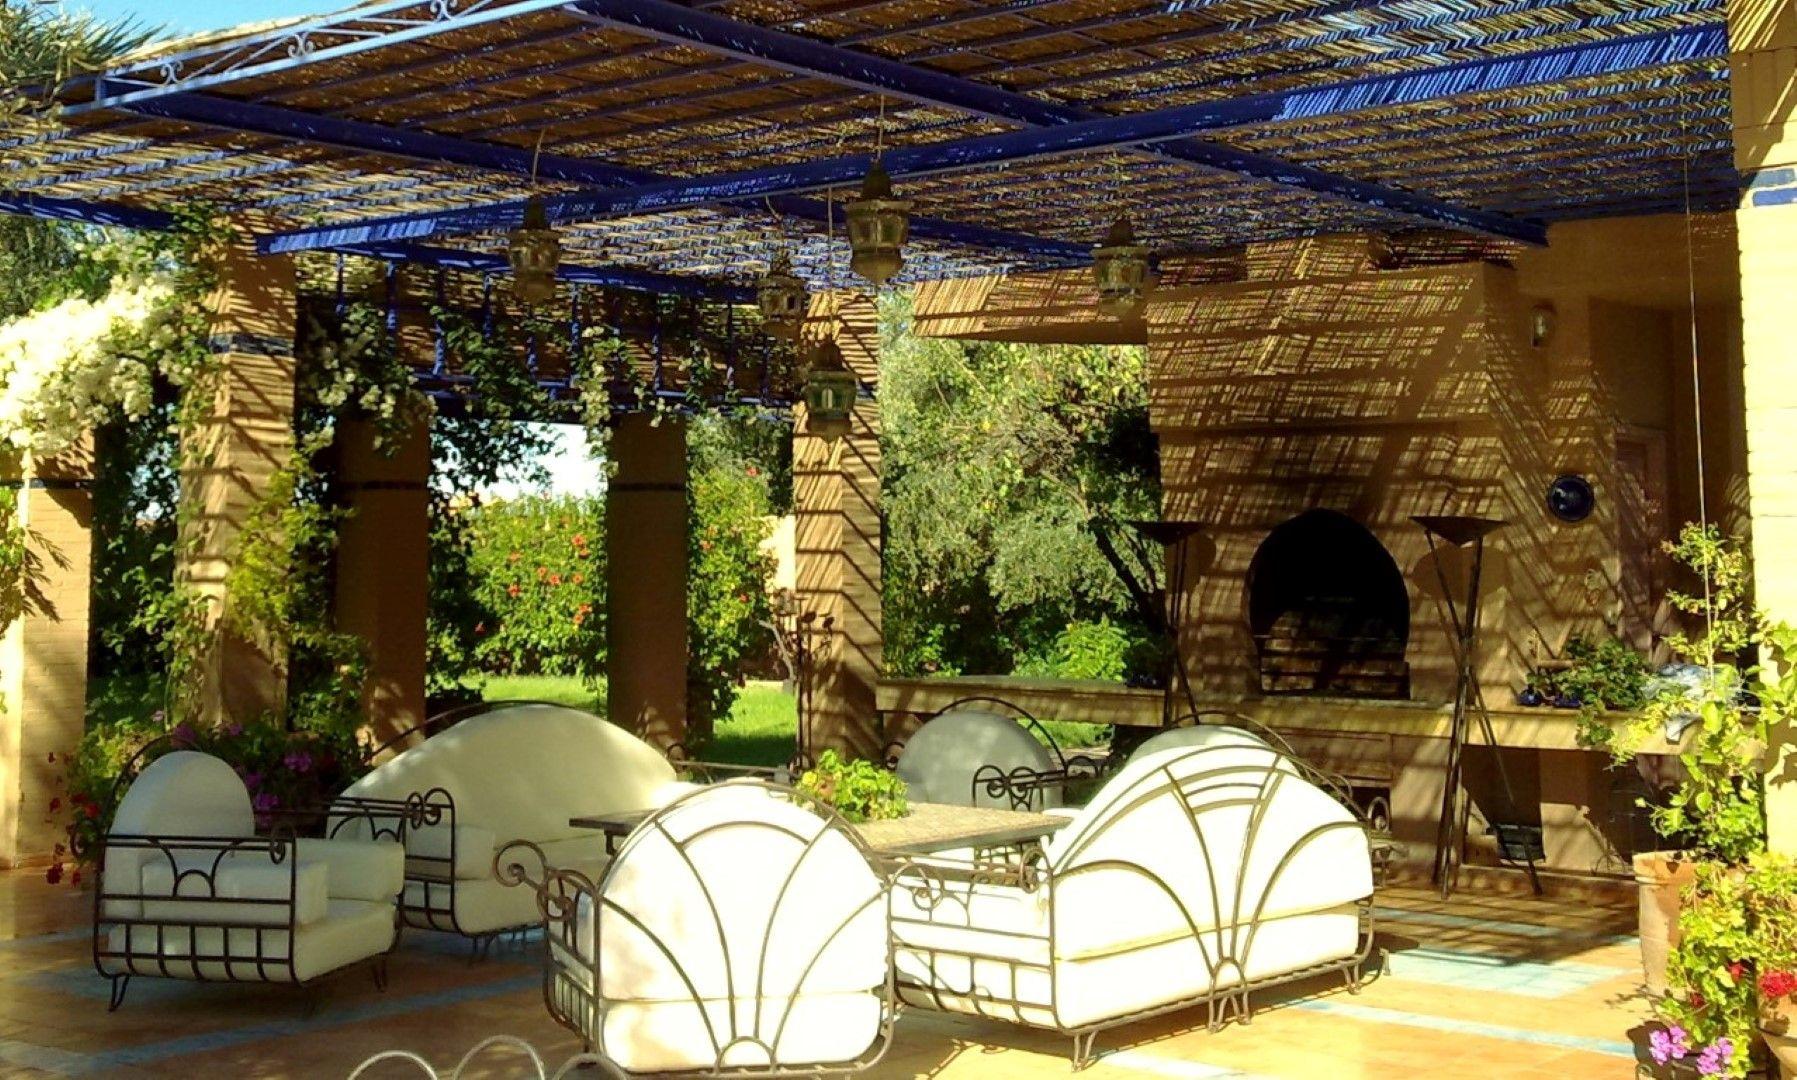 Maison du jardin zen belle maison louer marrakech - Location maison avec piscine marrakech ...